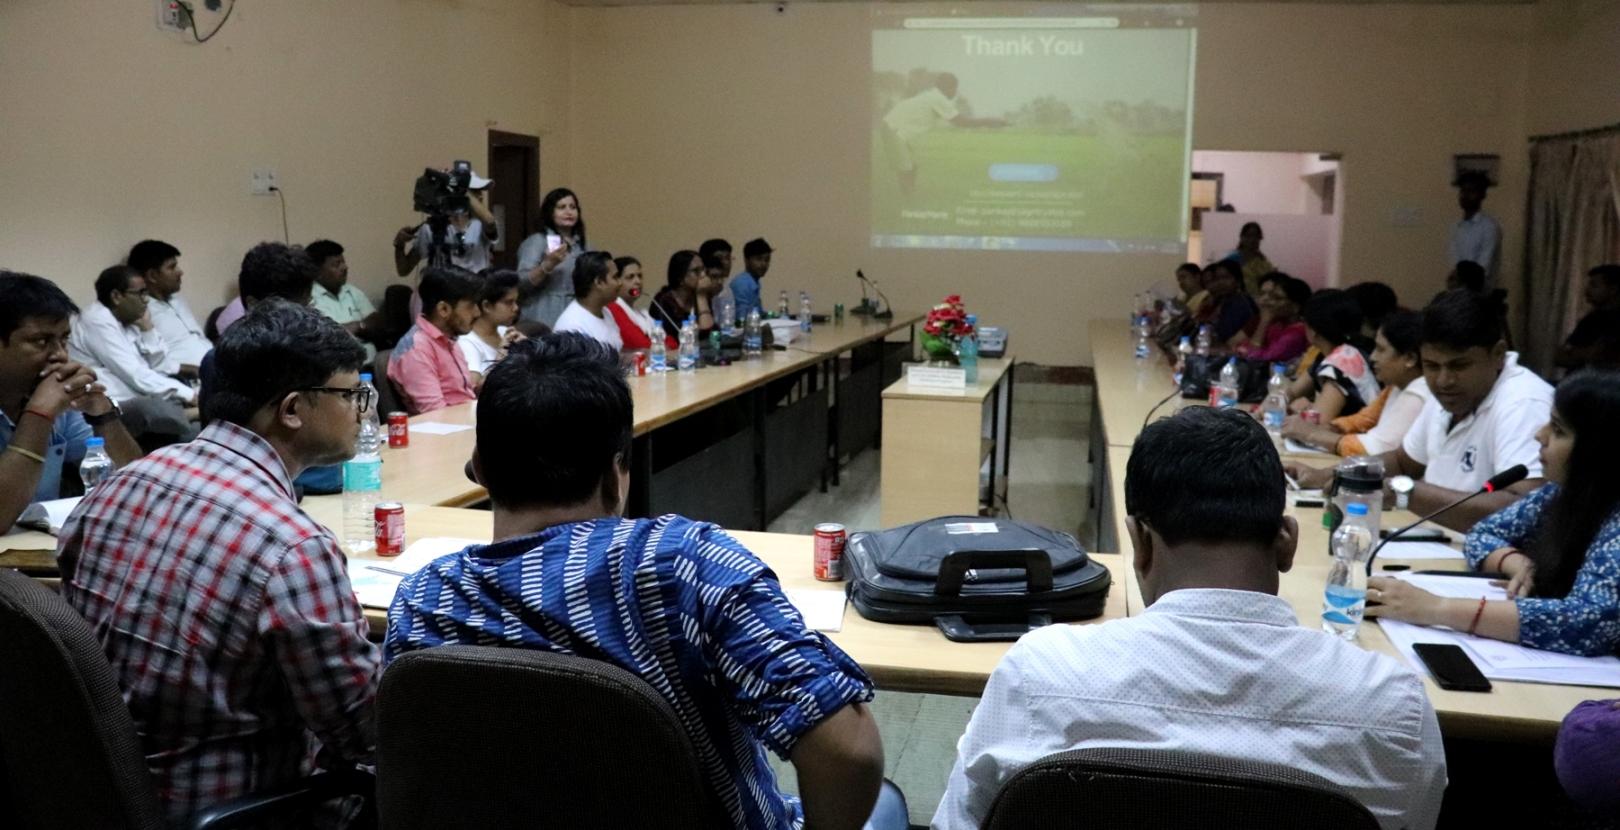 'जागृति यात्रा जागरूकता' कार्यक्रम में जुटें बिहार के विभिन्न क्षेत्रों के उद्यमी